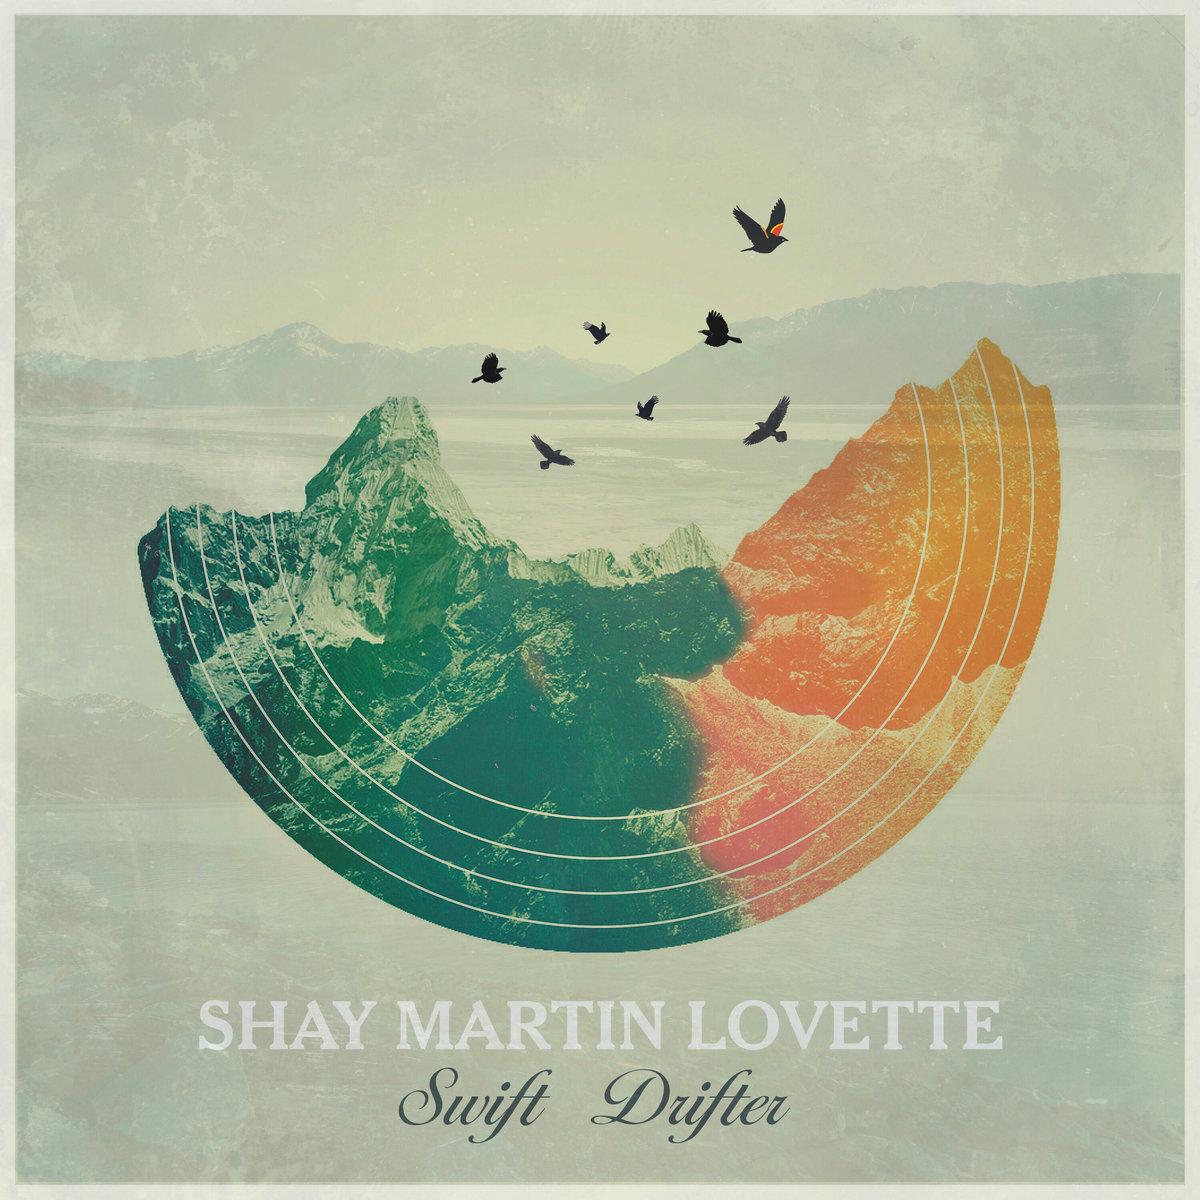 Shay Martin Lovette